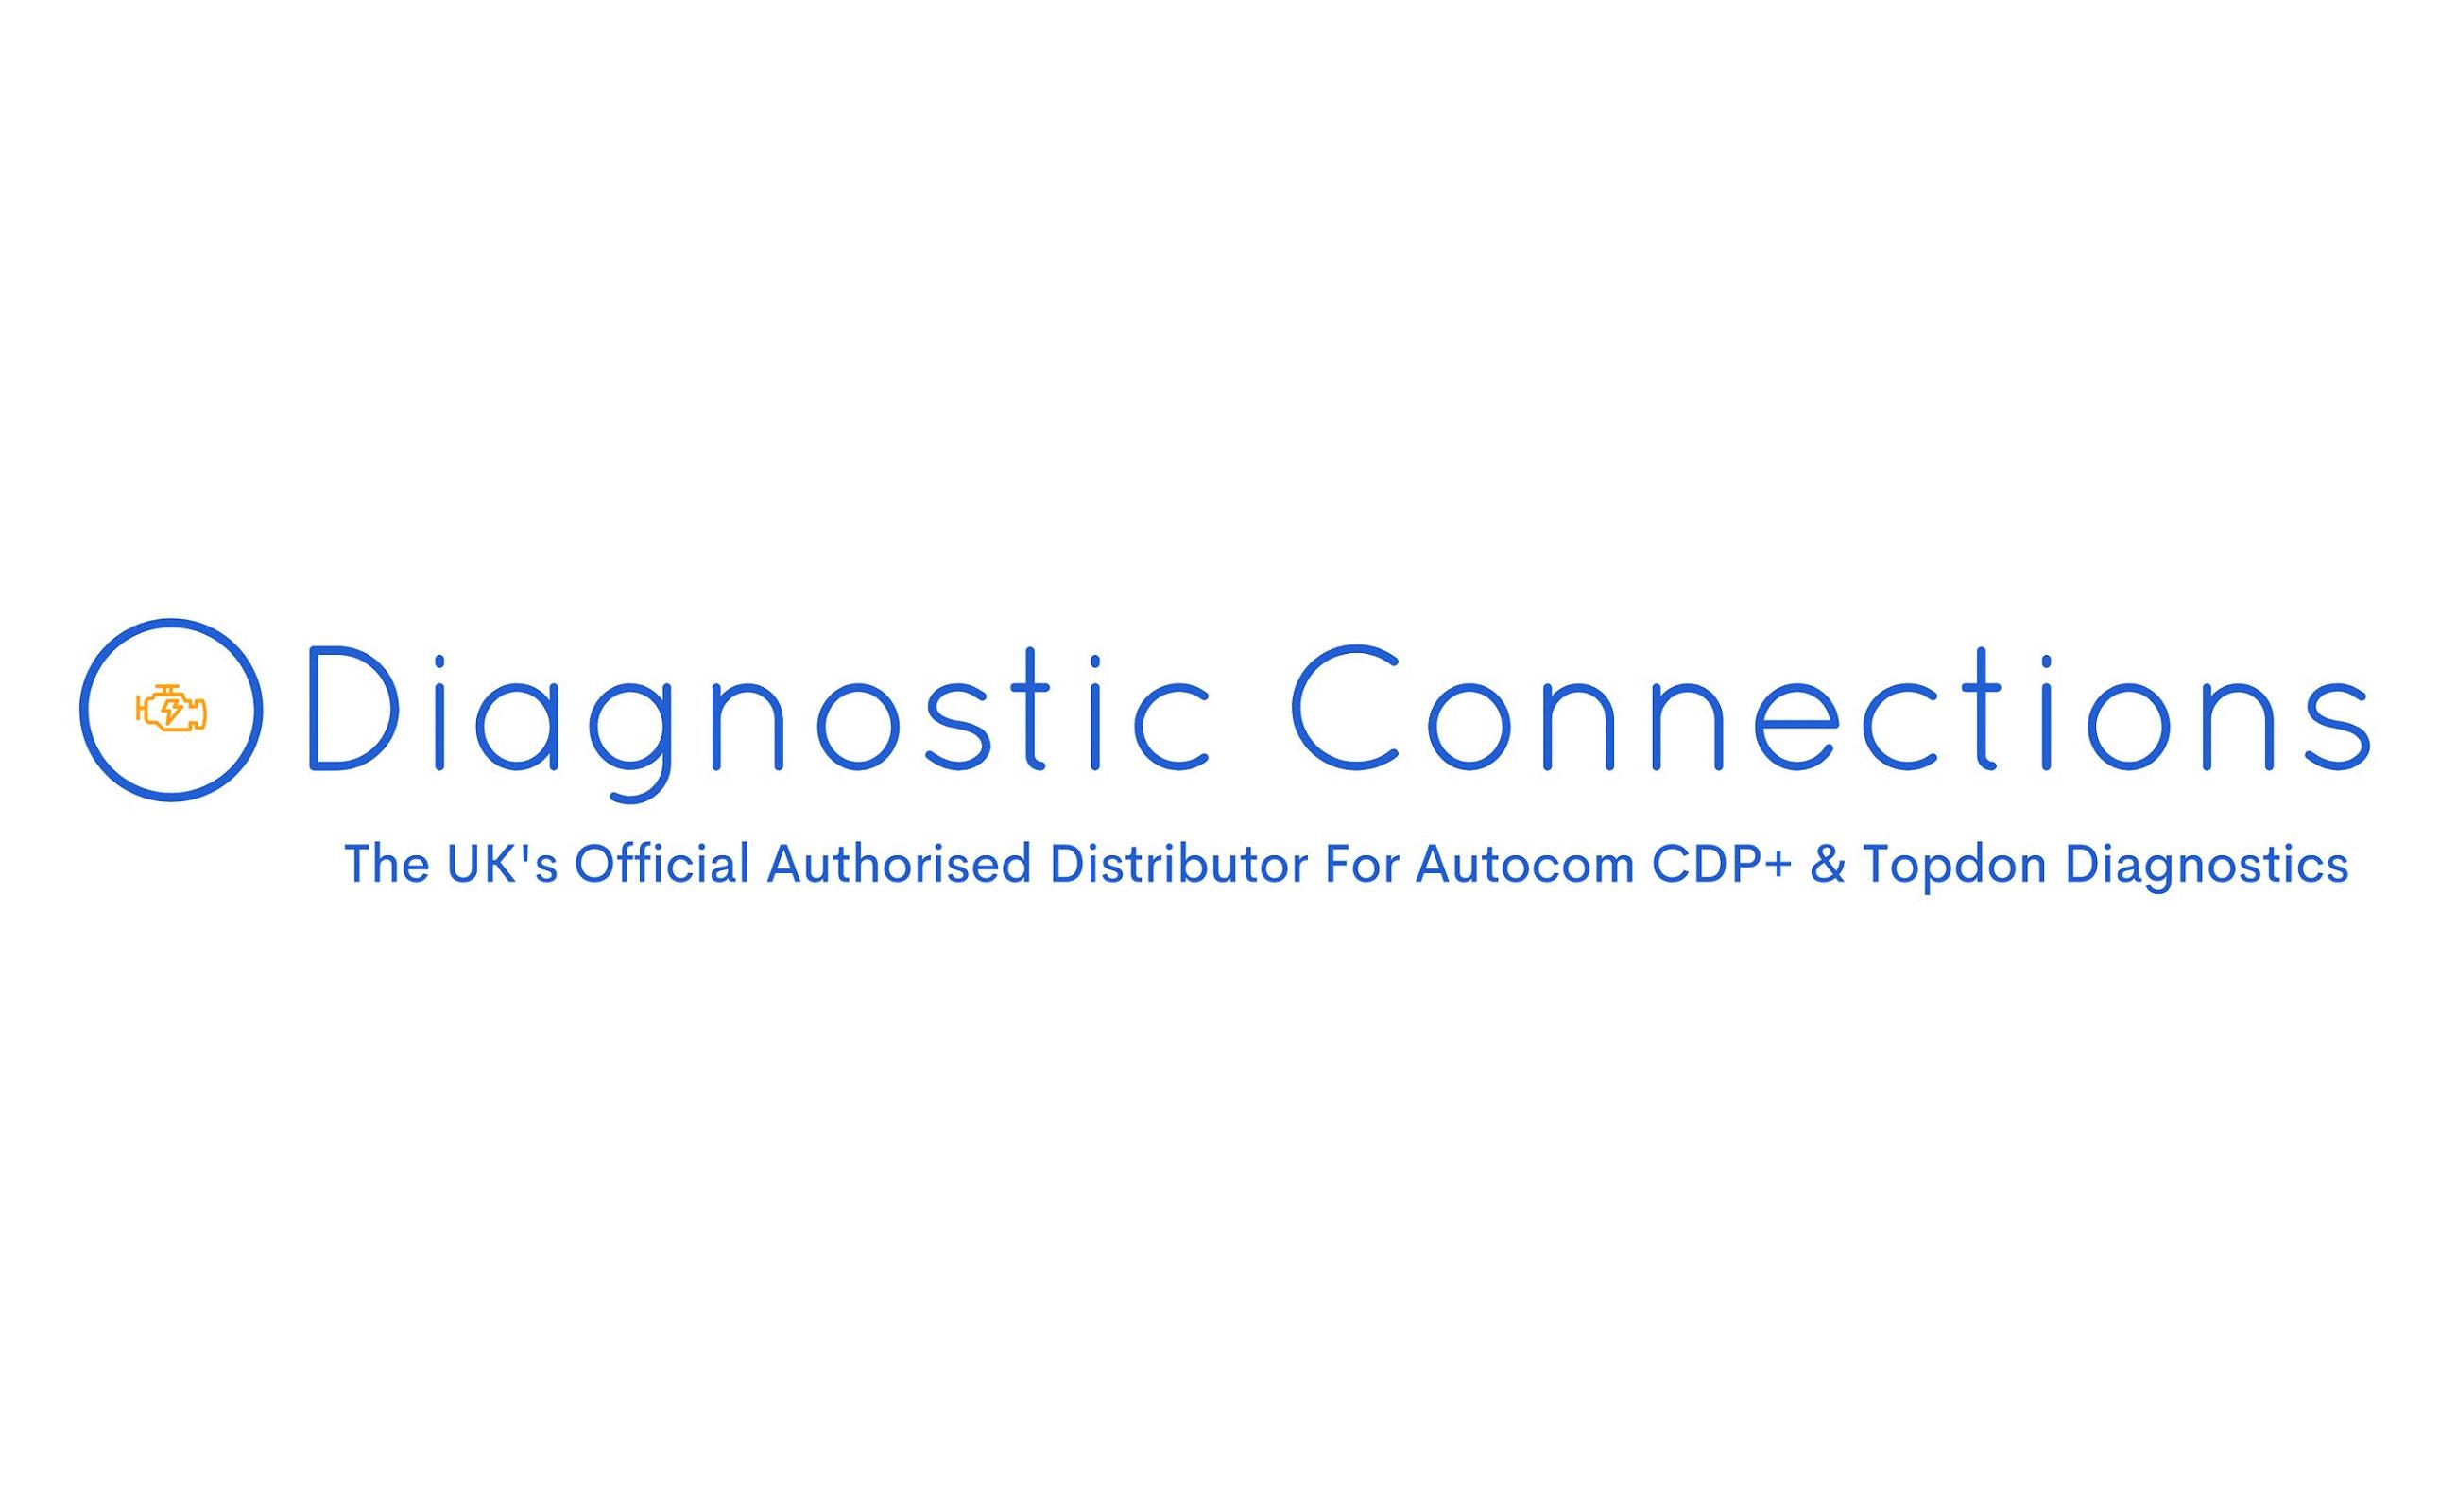 Diagnostic Connections